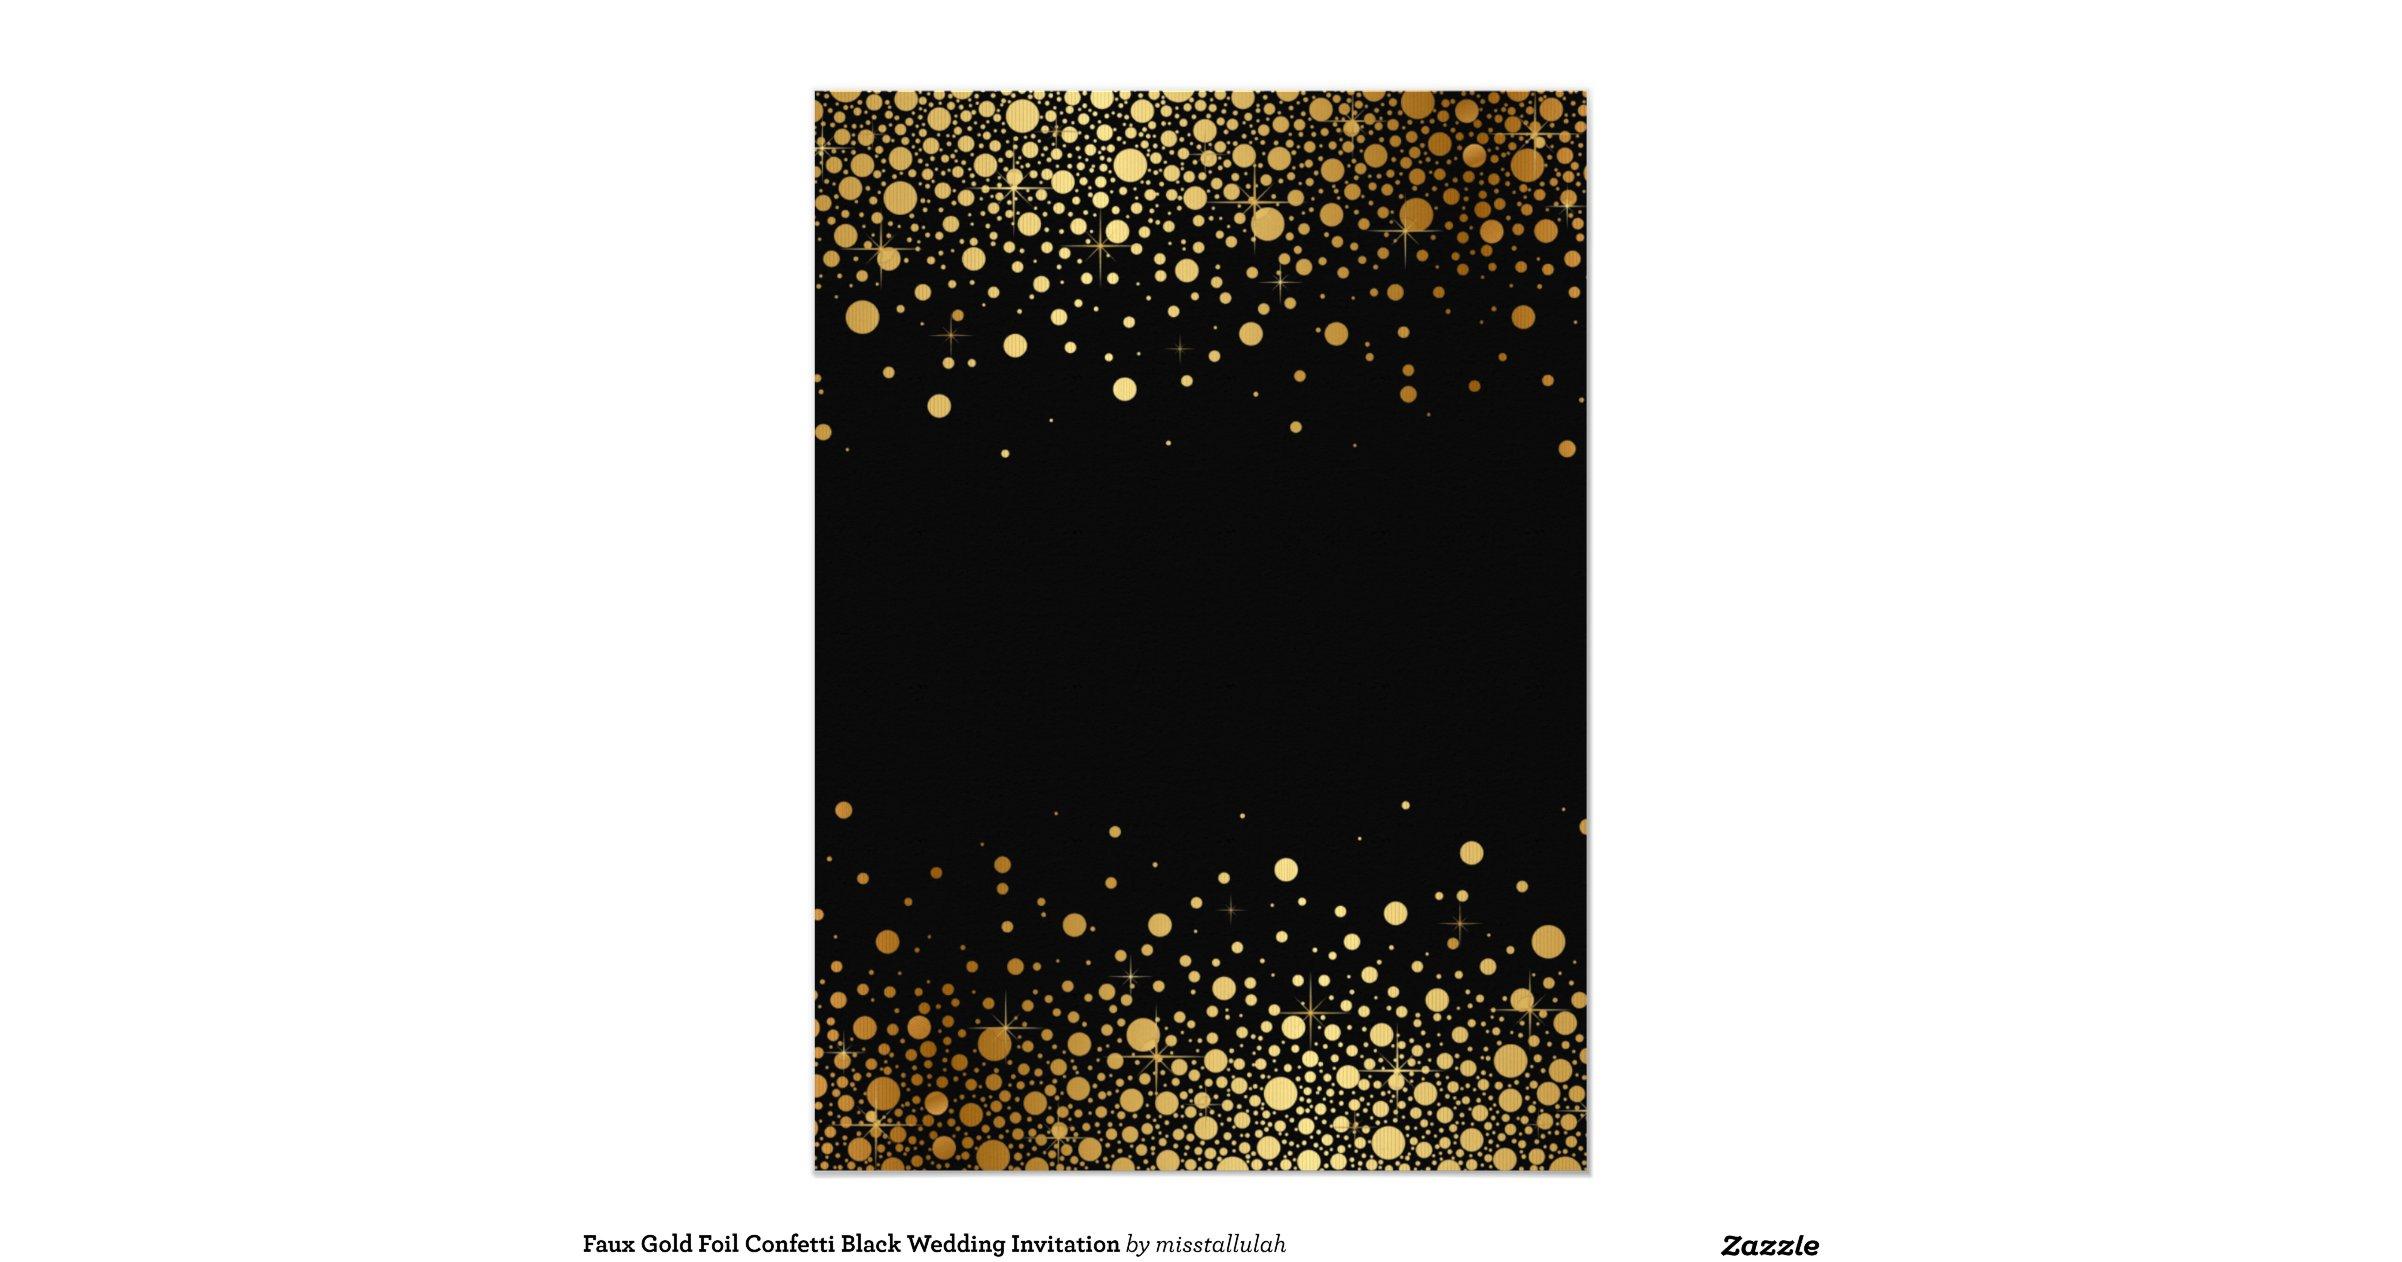 Faux Gold Foil Confetti Black Wedding Invitation